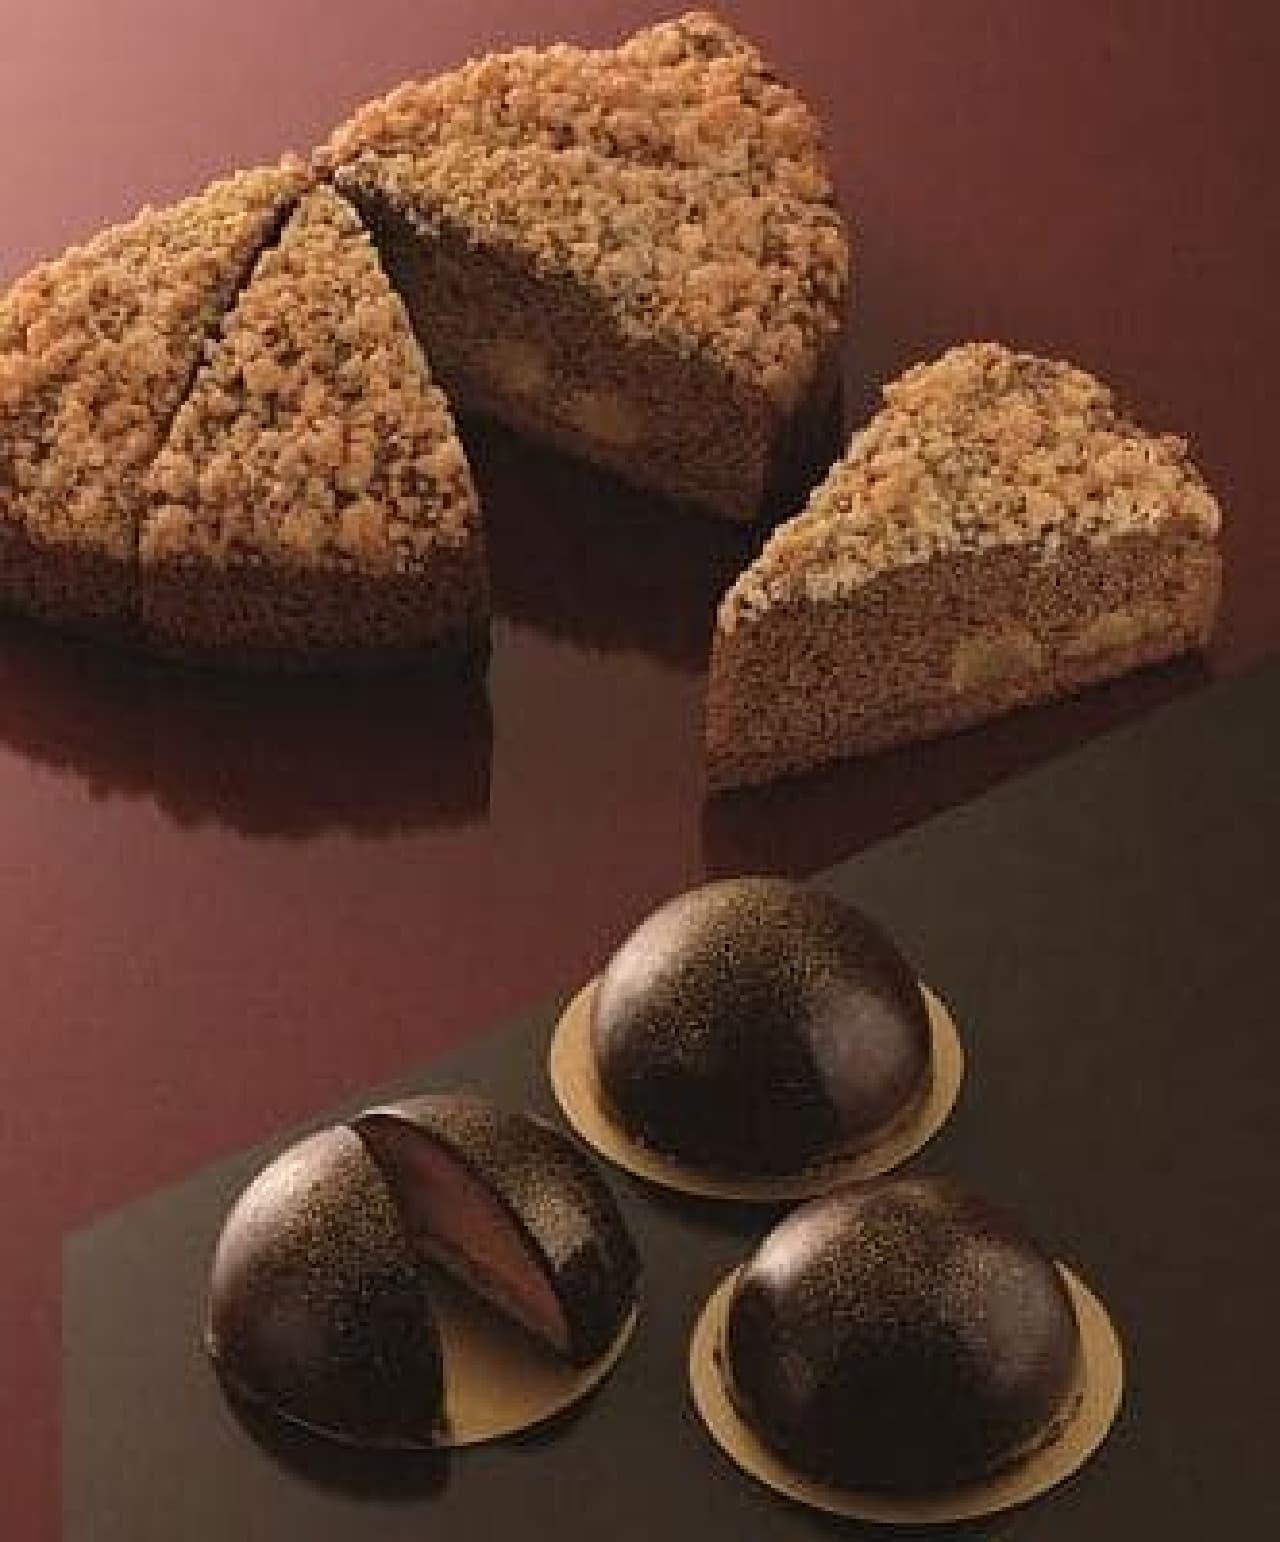 カフェ・ド・クリエ「チョコドームケーキ」と「りんごとシナモンのクランブルケーキ」